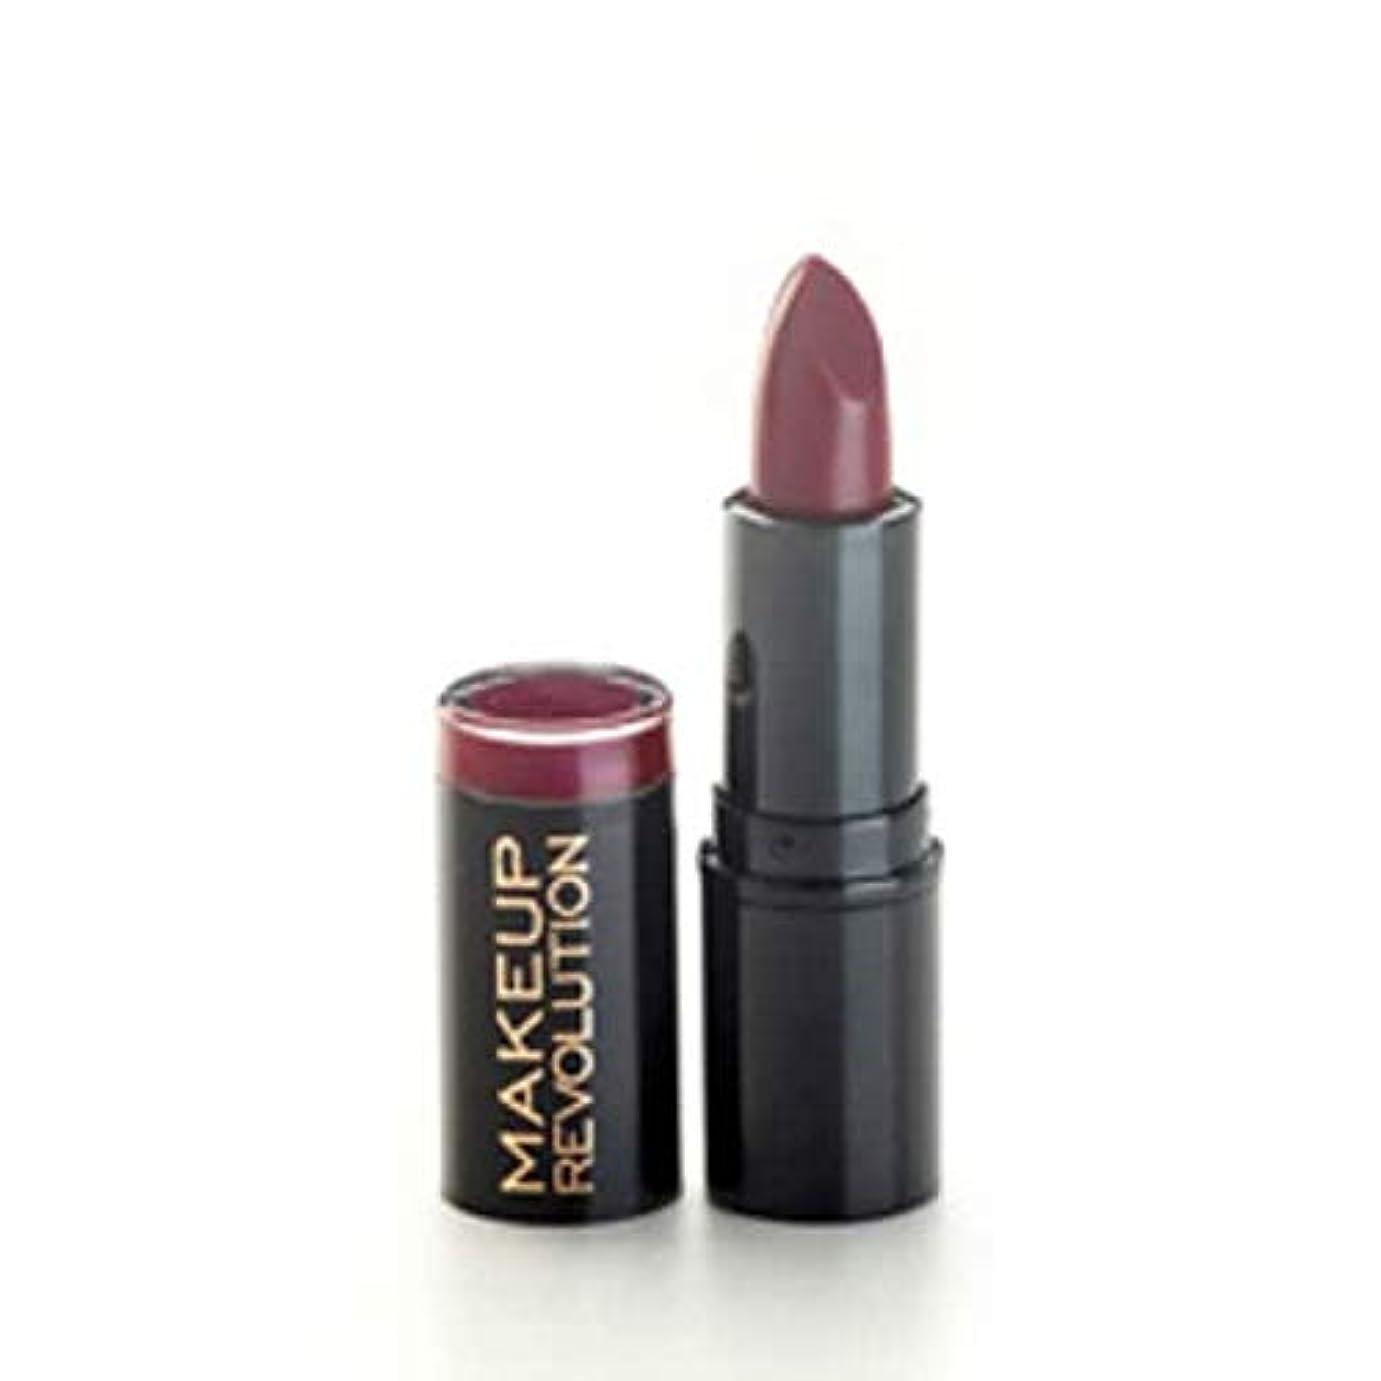 ジュニアカフェテリア閲覧する[Revolution ] 原因と革命Vampコレクションの口紅の反乱 - Revolution Vamp Collection Lipstick Rebel with Cause [並行輸入品]